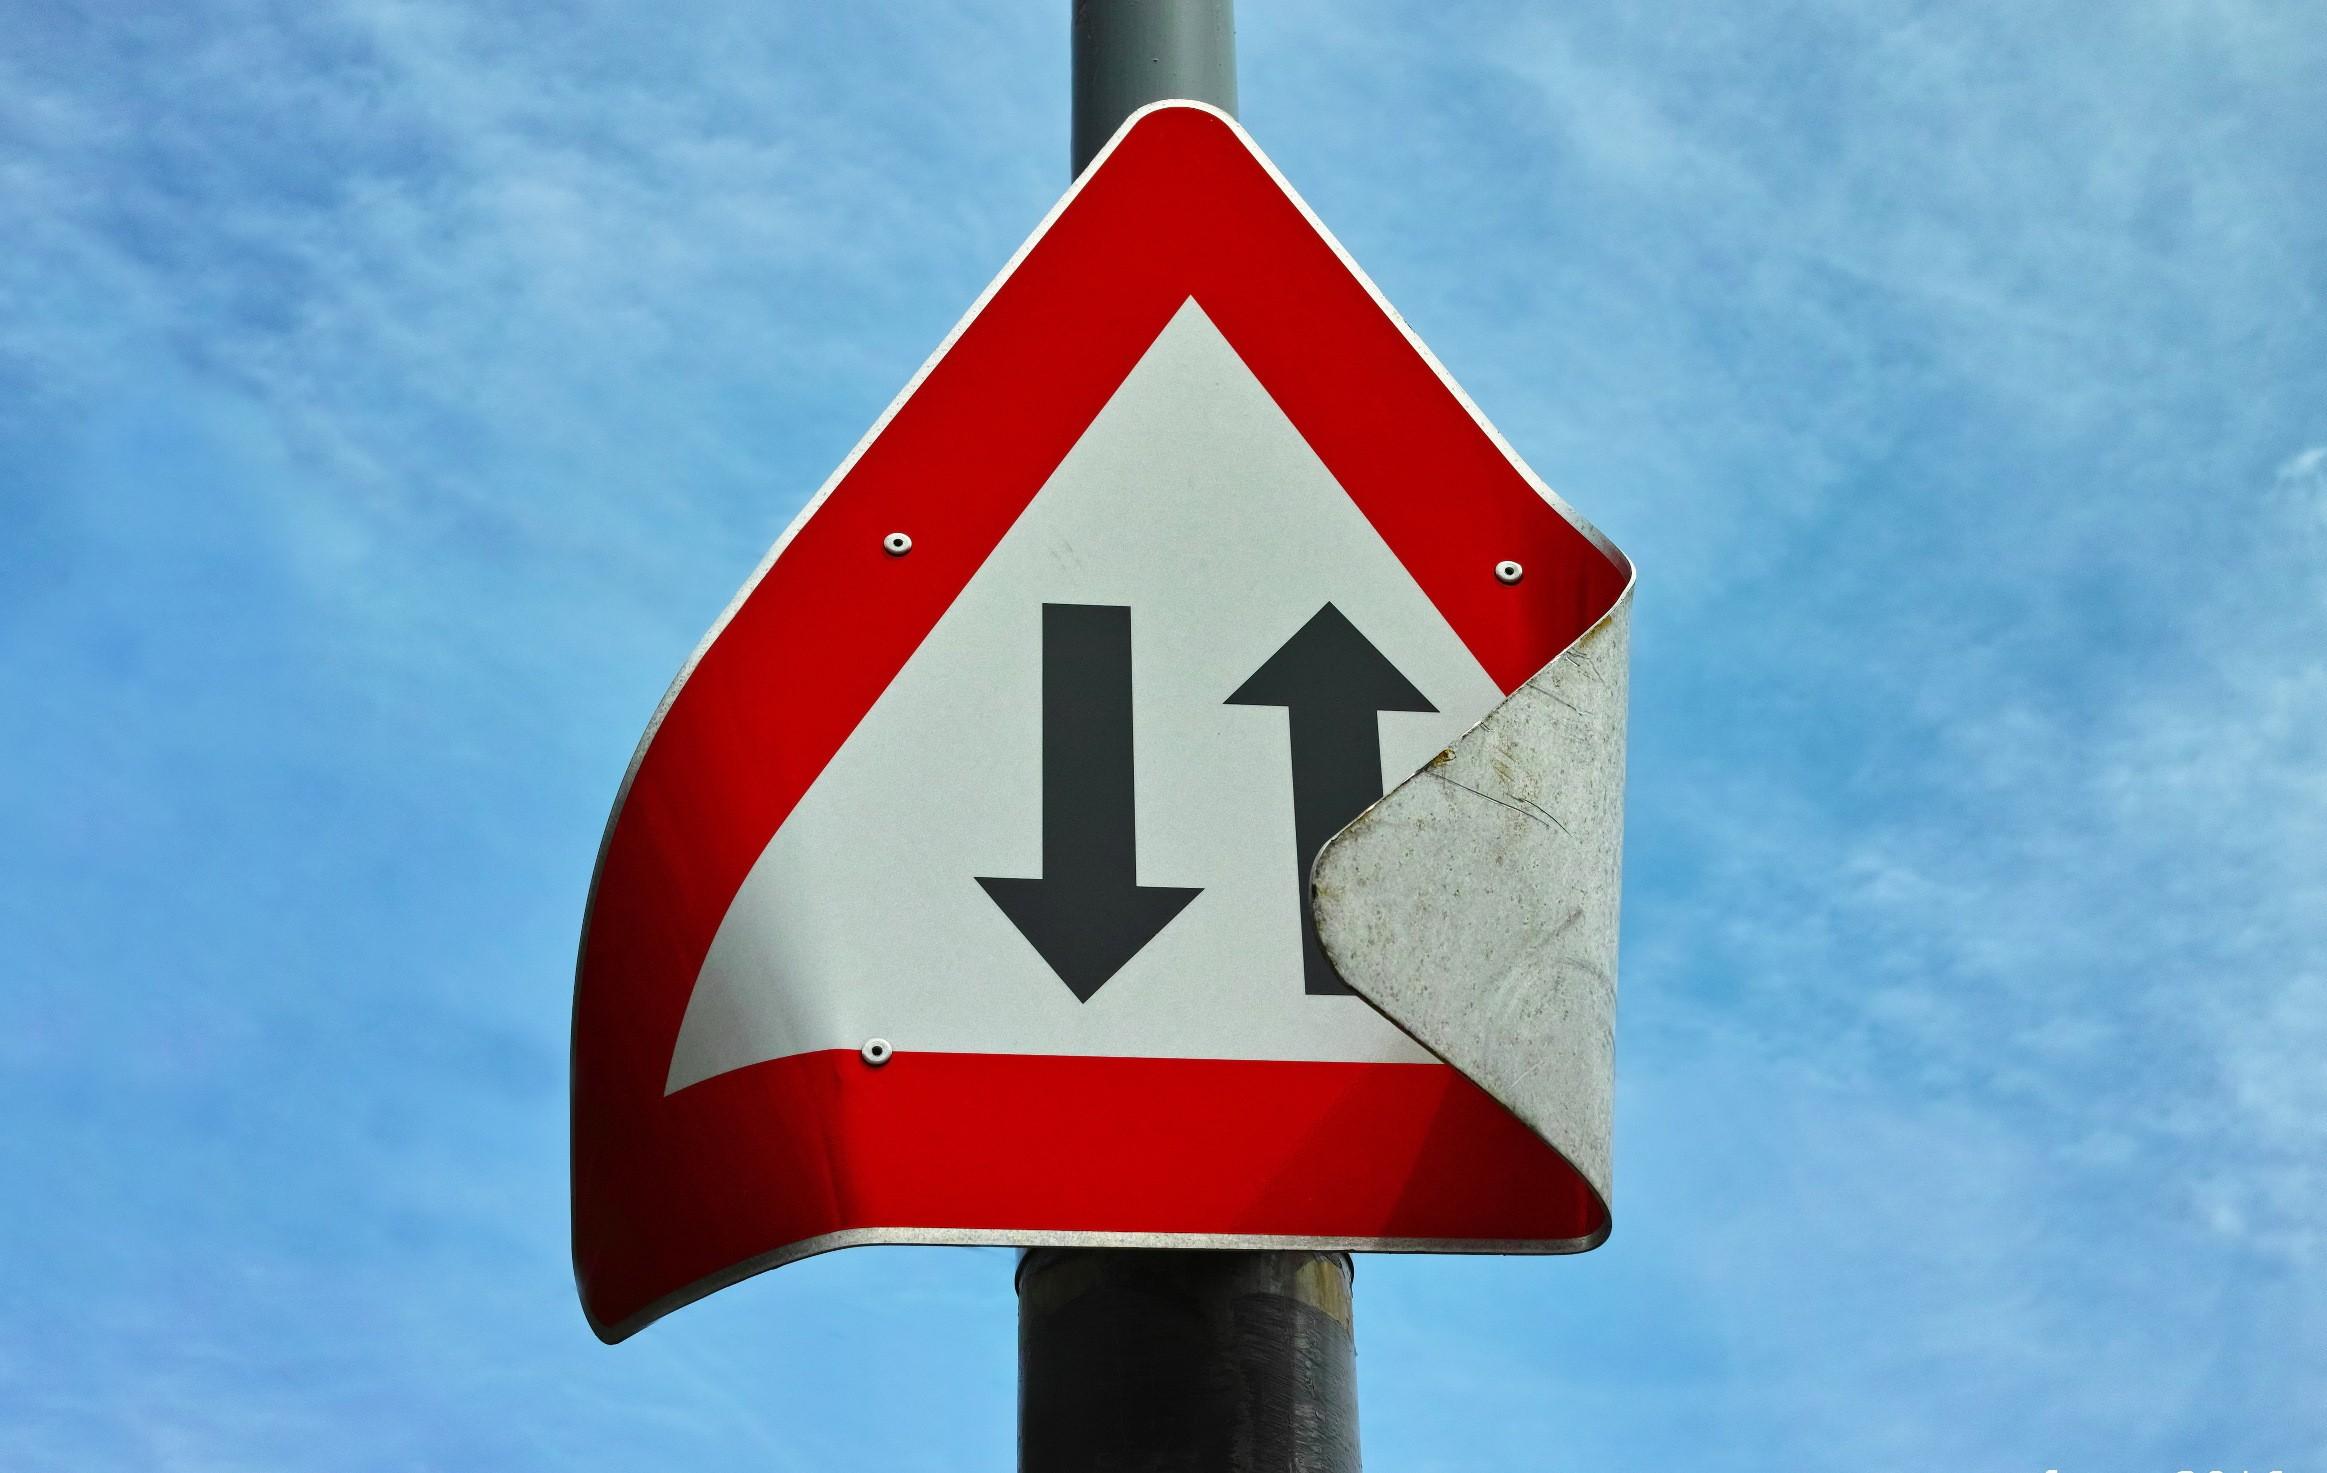 фотографии дорожных знаков высокого качества преимуществом